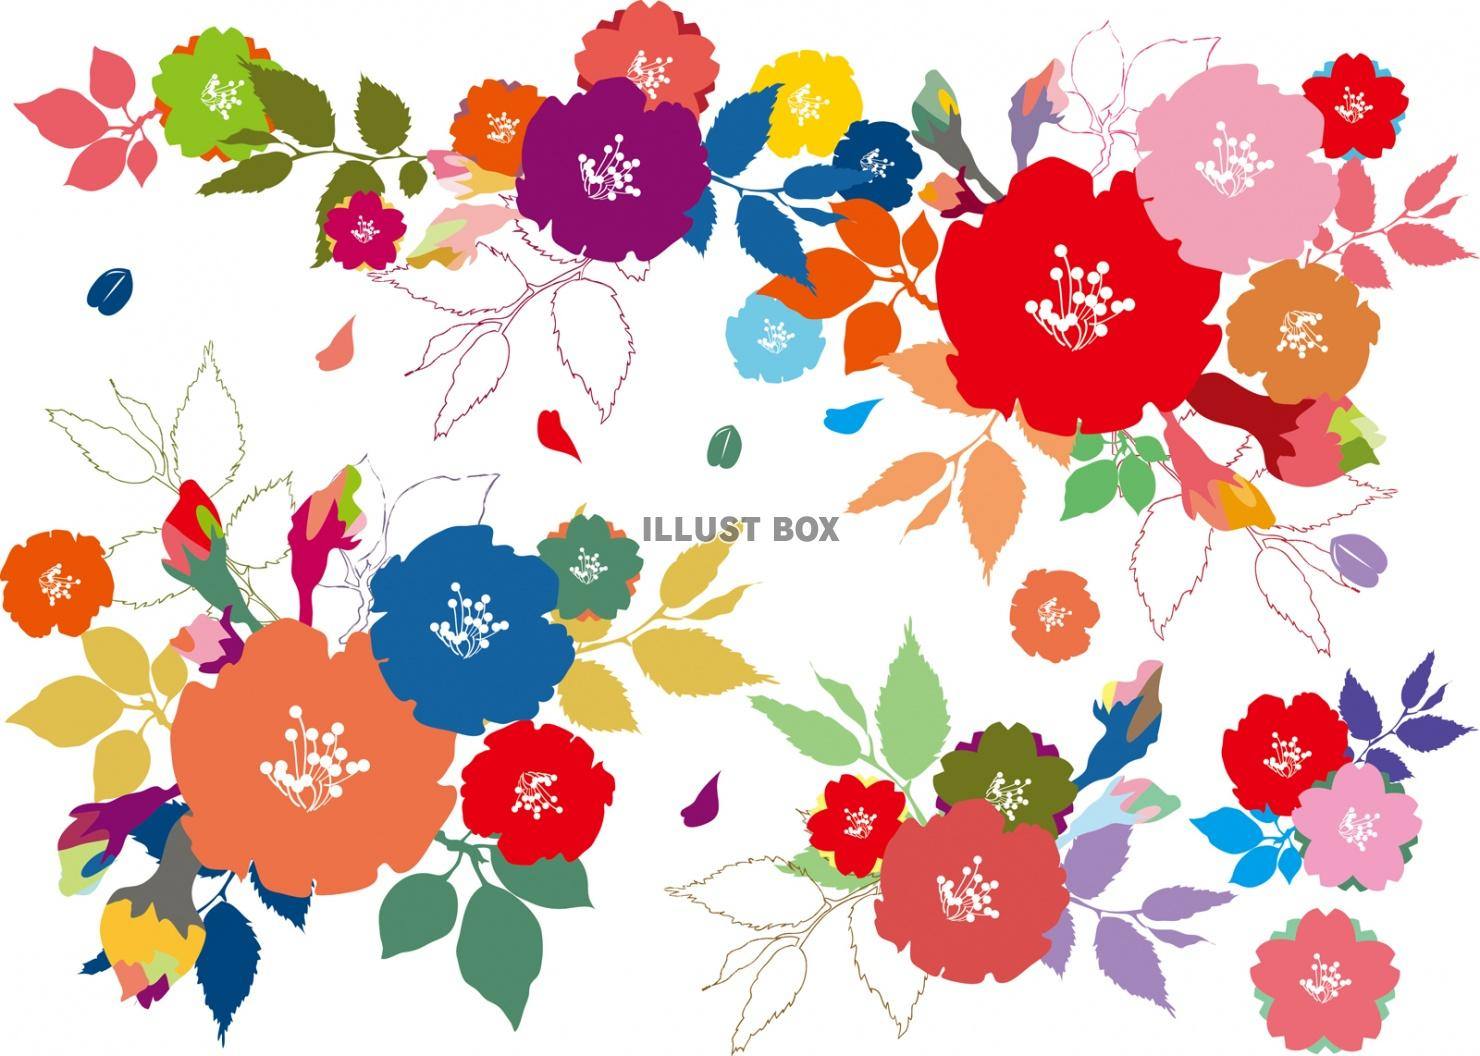 無料イラスト 花飾り春カラフル花束ブーケかわいい装飾手書き背景おしゃれブラ